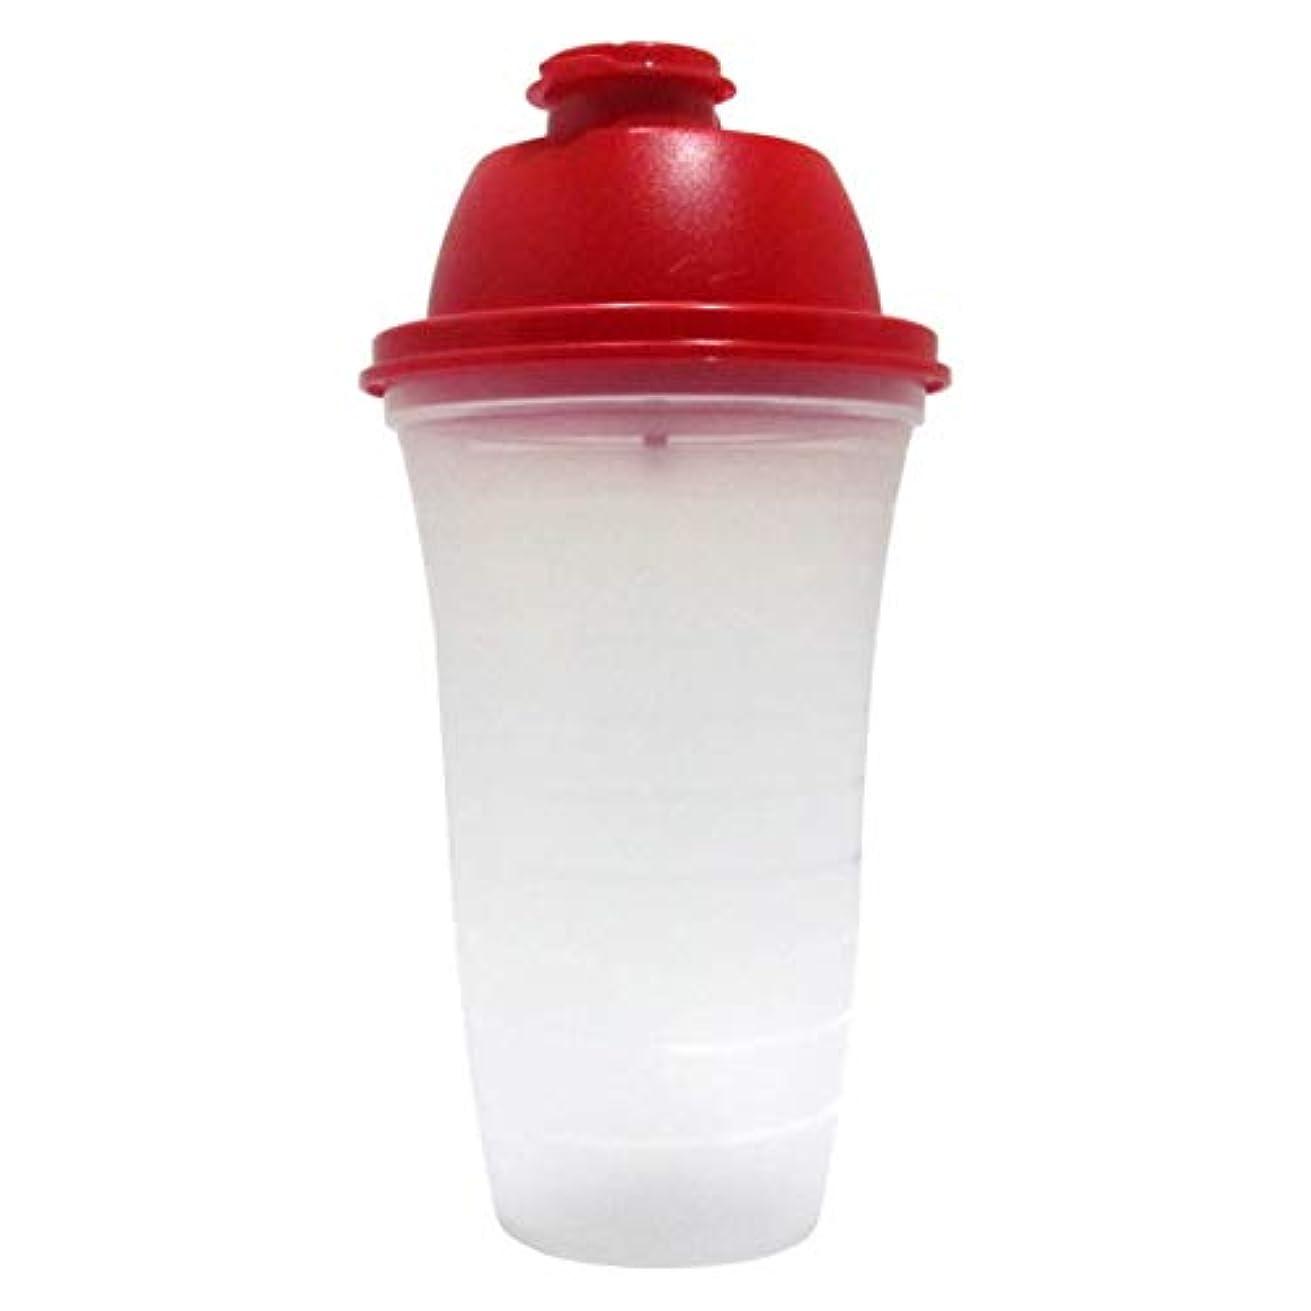 パンフレット測る検閲AVS STORE ® Tupperware CupクイックShaker 500 ml